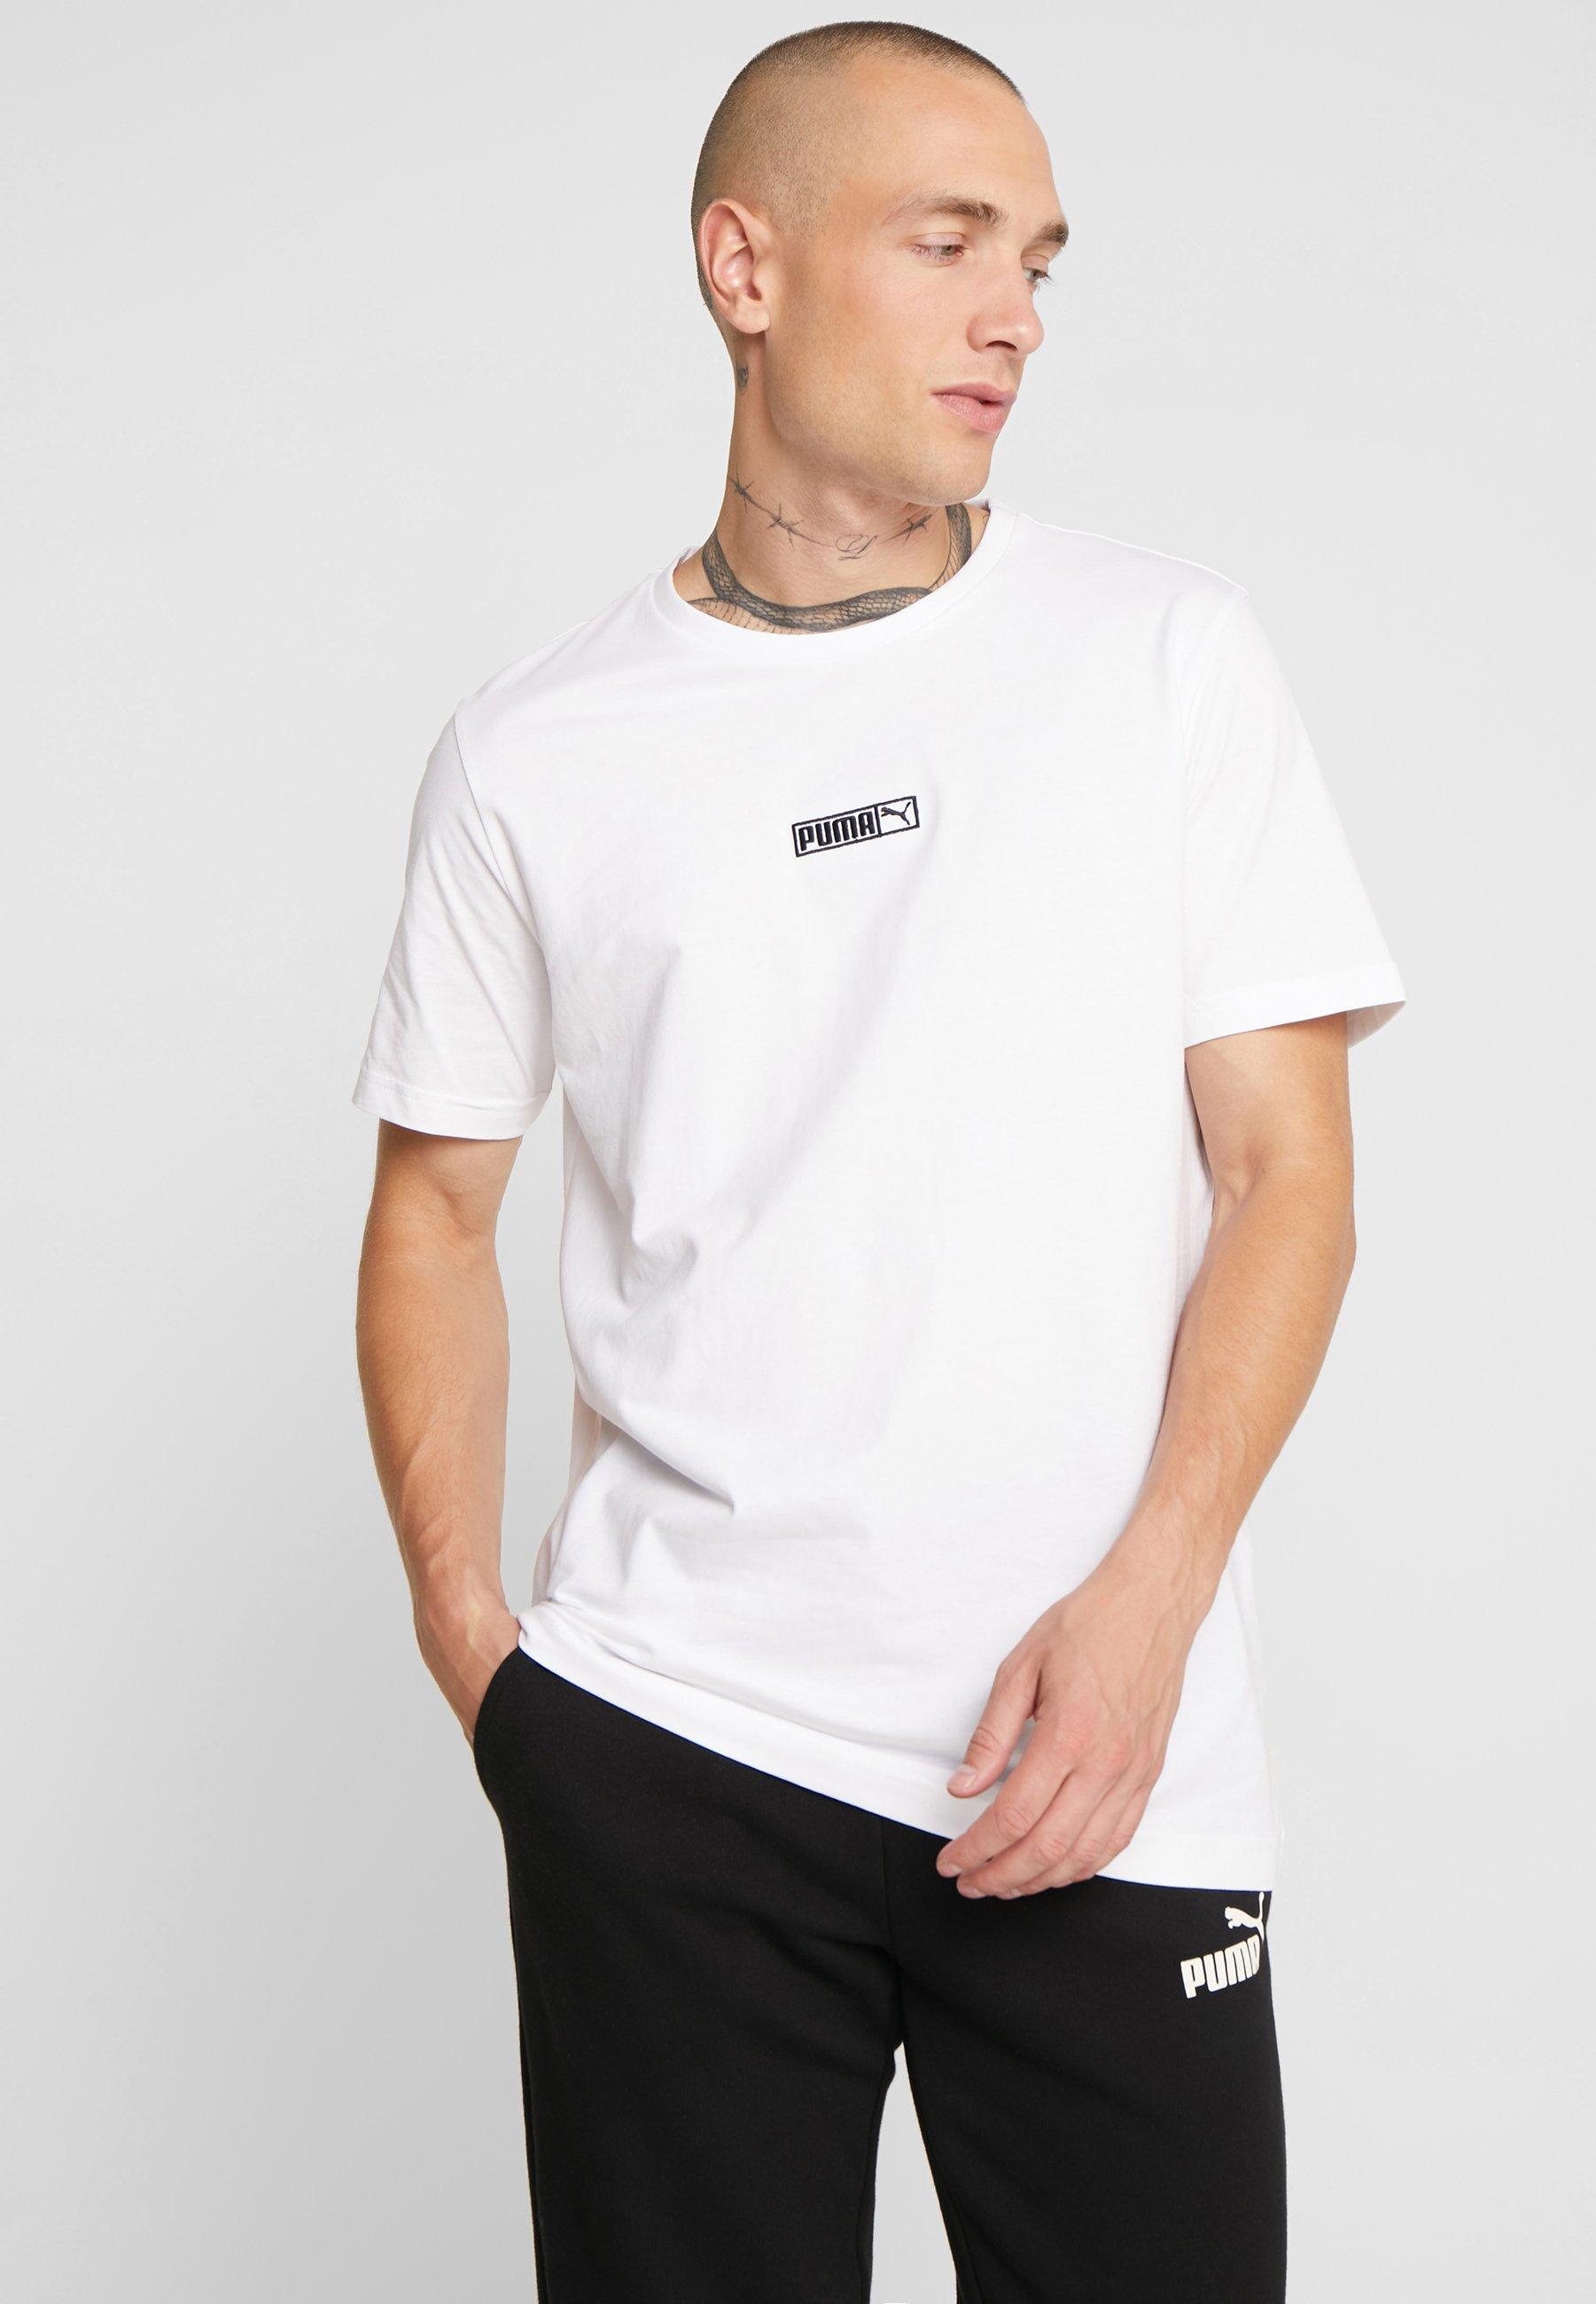 shirt Basique TeeT Puma Classics Logo White wkXlOTPiZu